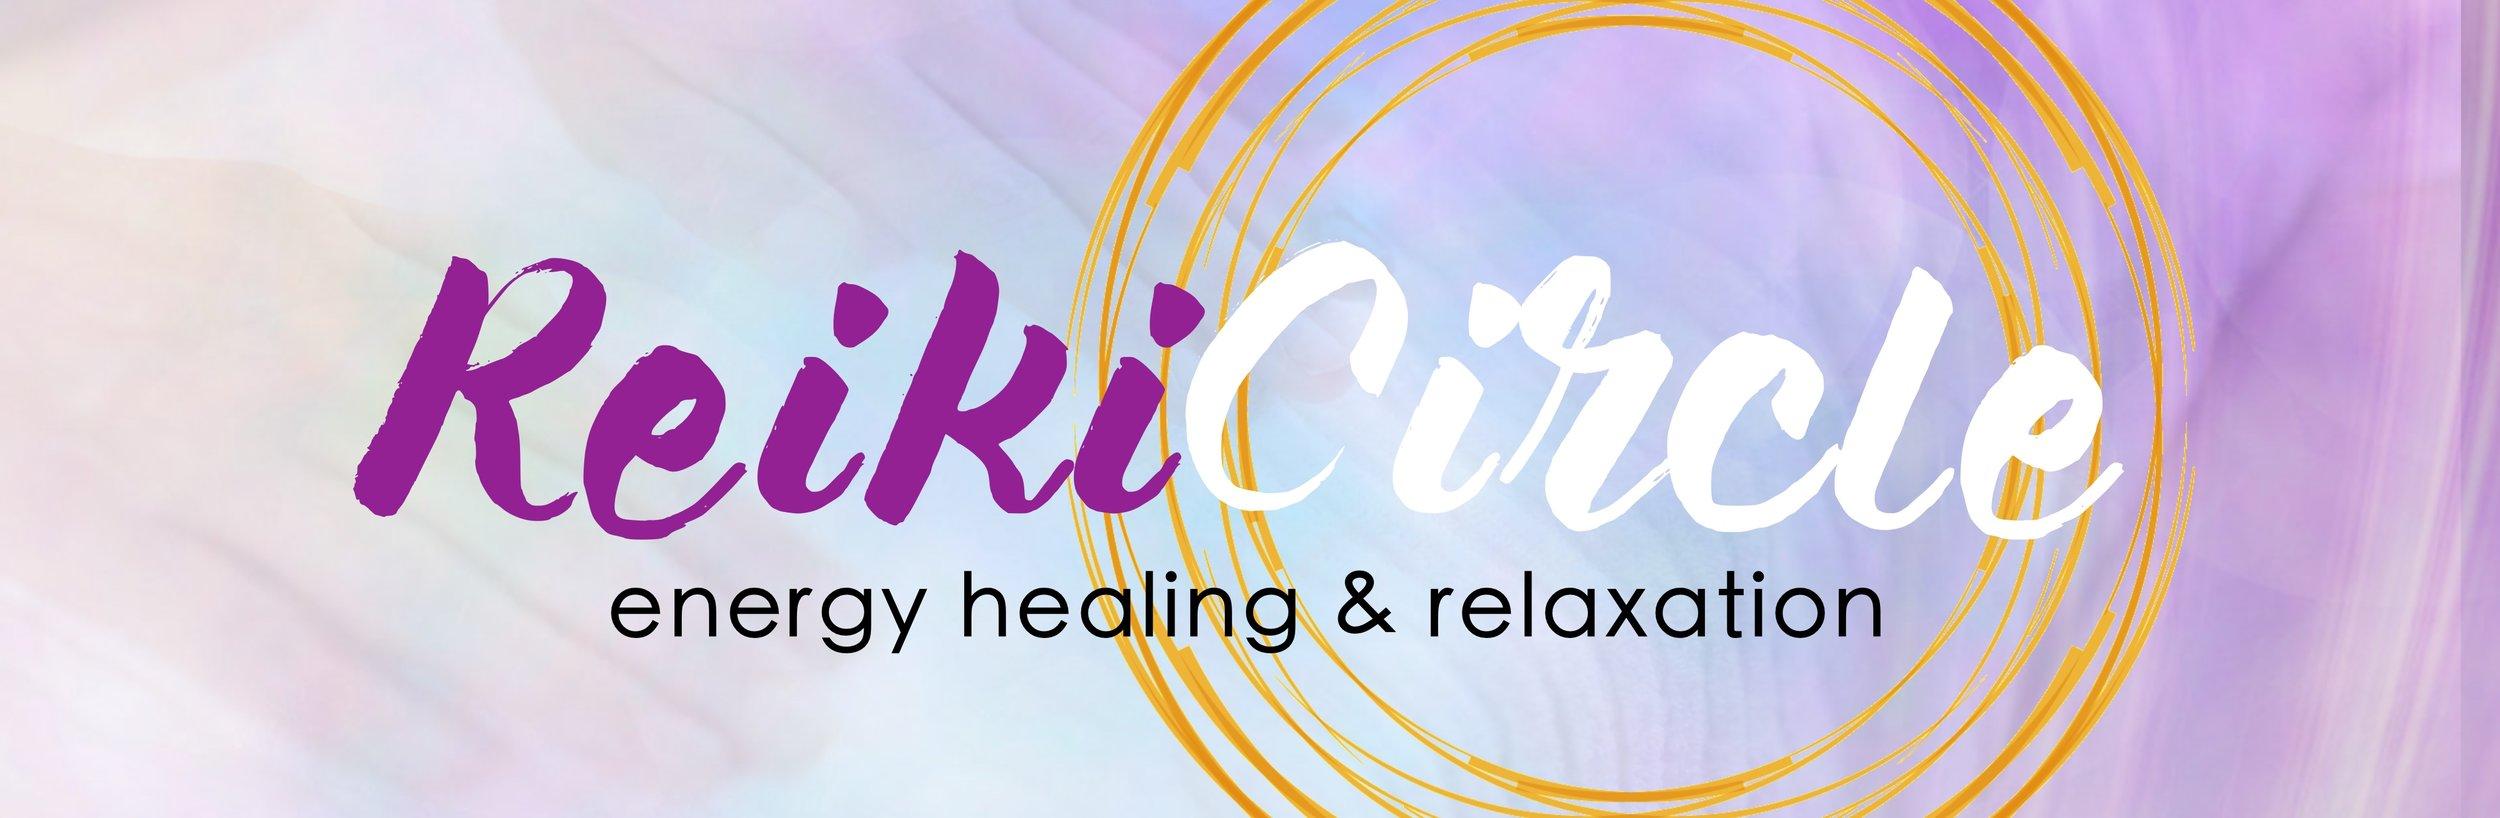 Reiki Circle Banner.jpg